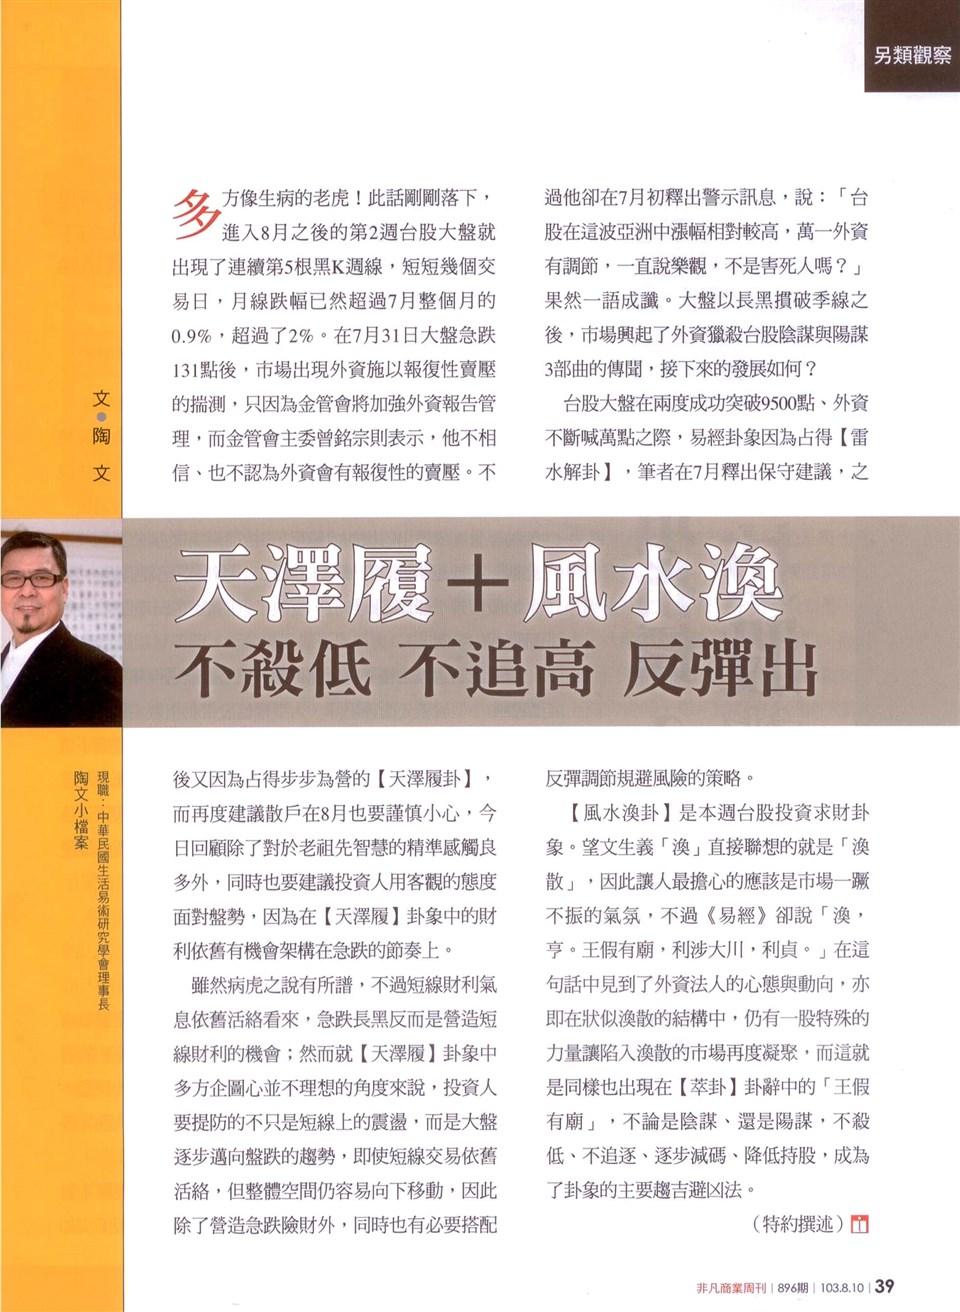 非凡商業週刊 【台股另類觀察】 (896)               陶文